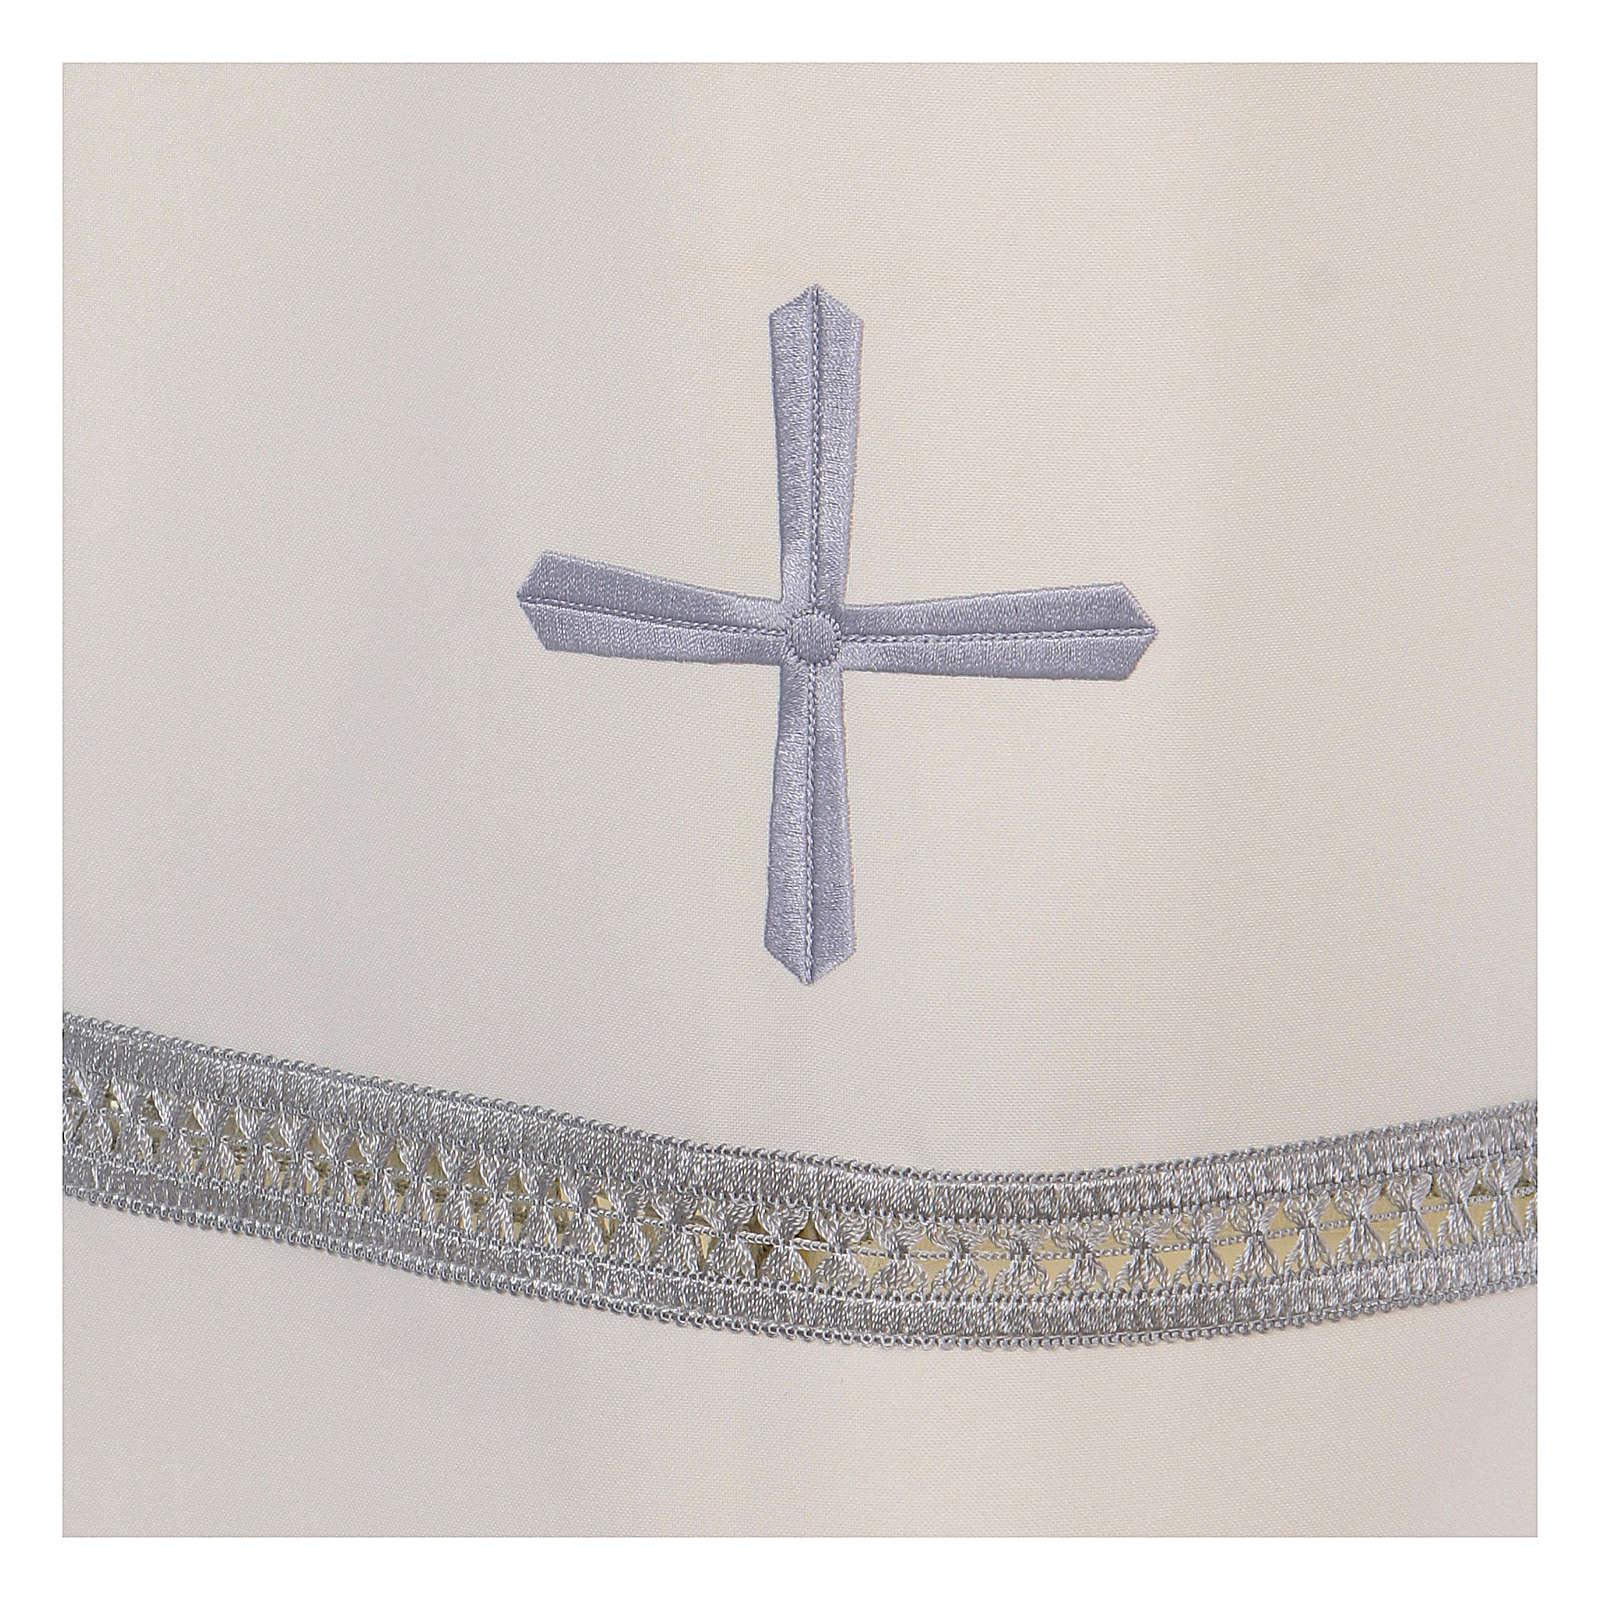 Alba poliester zamek z przodu kość słoniowa koronka hafty maszynowe 4